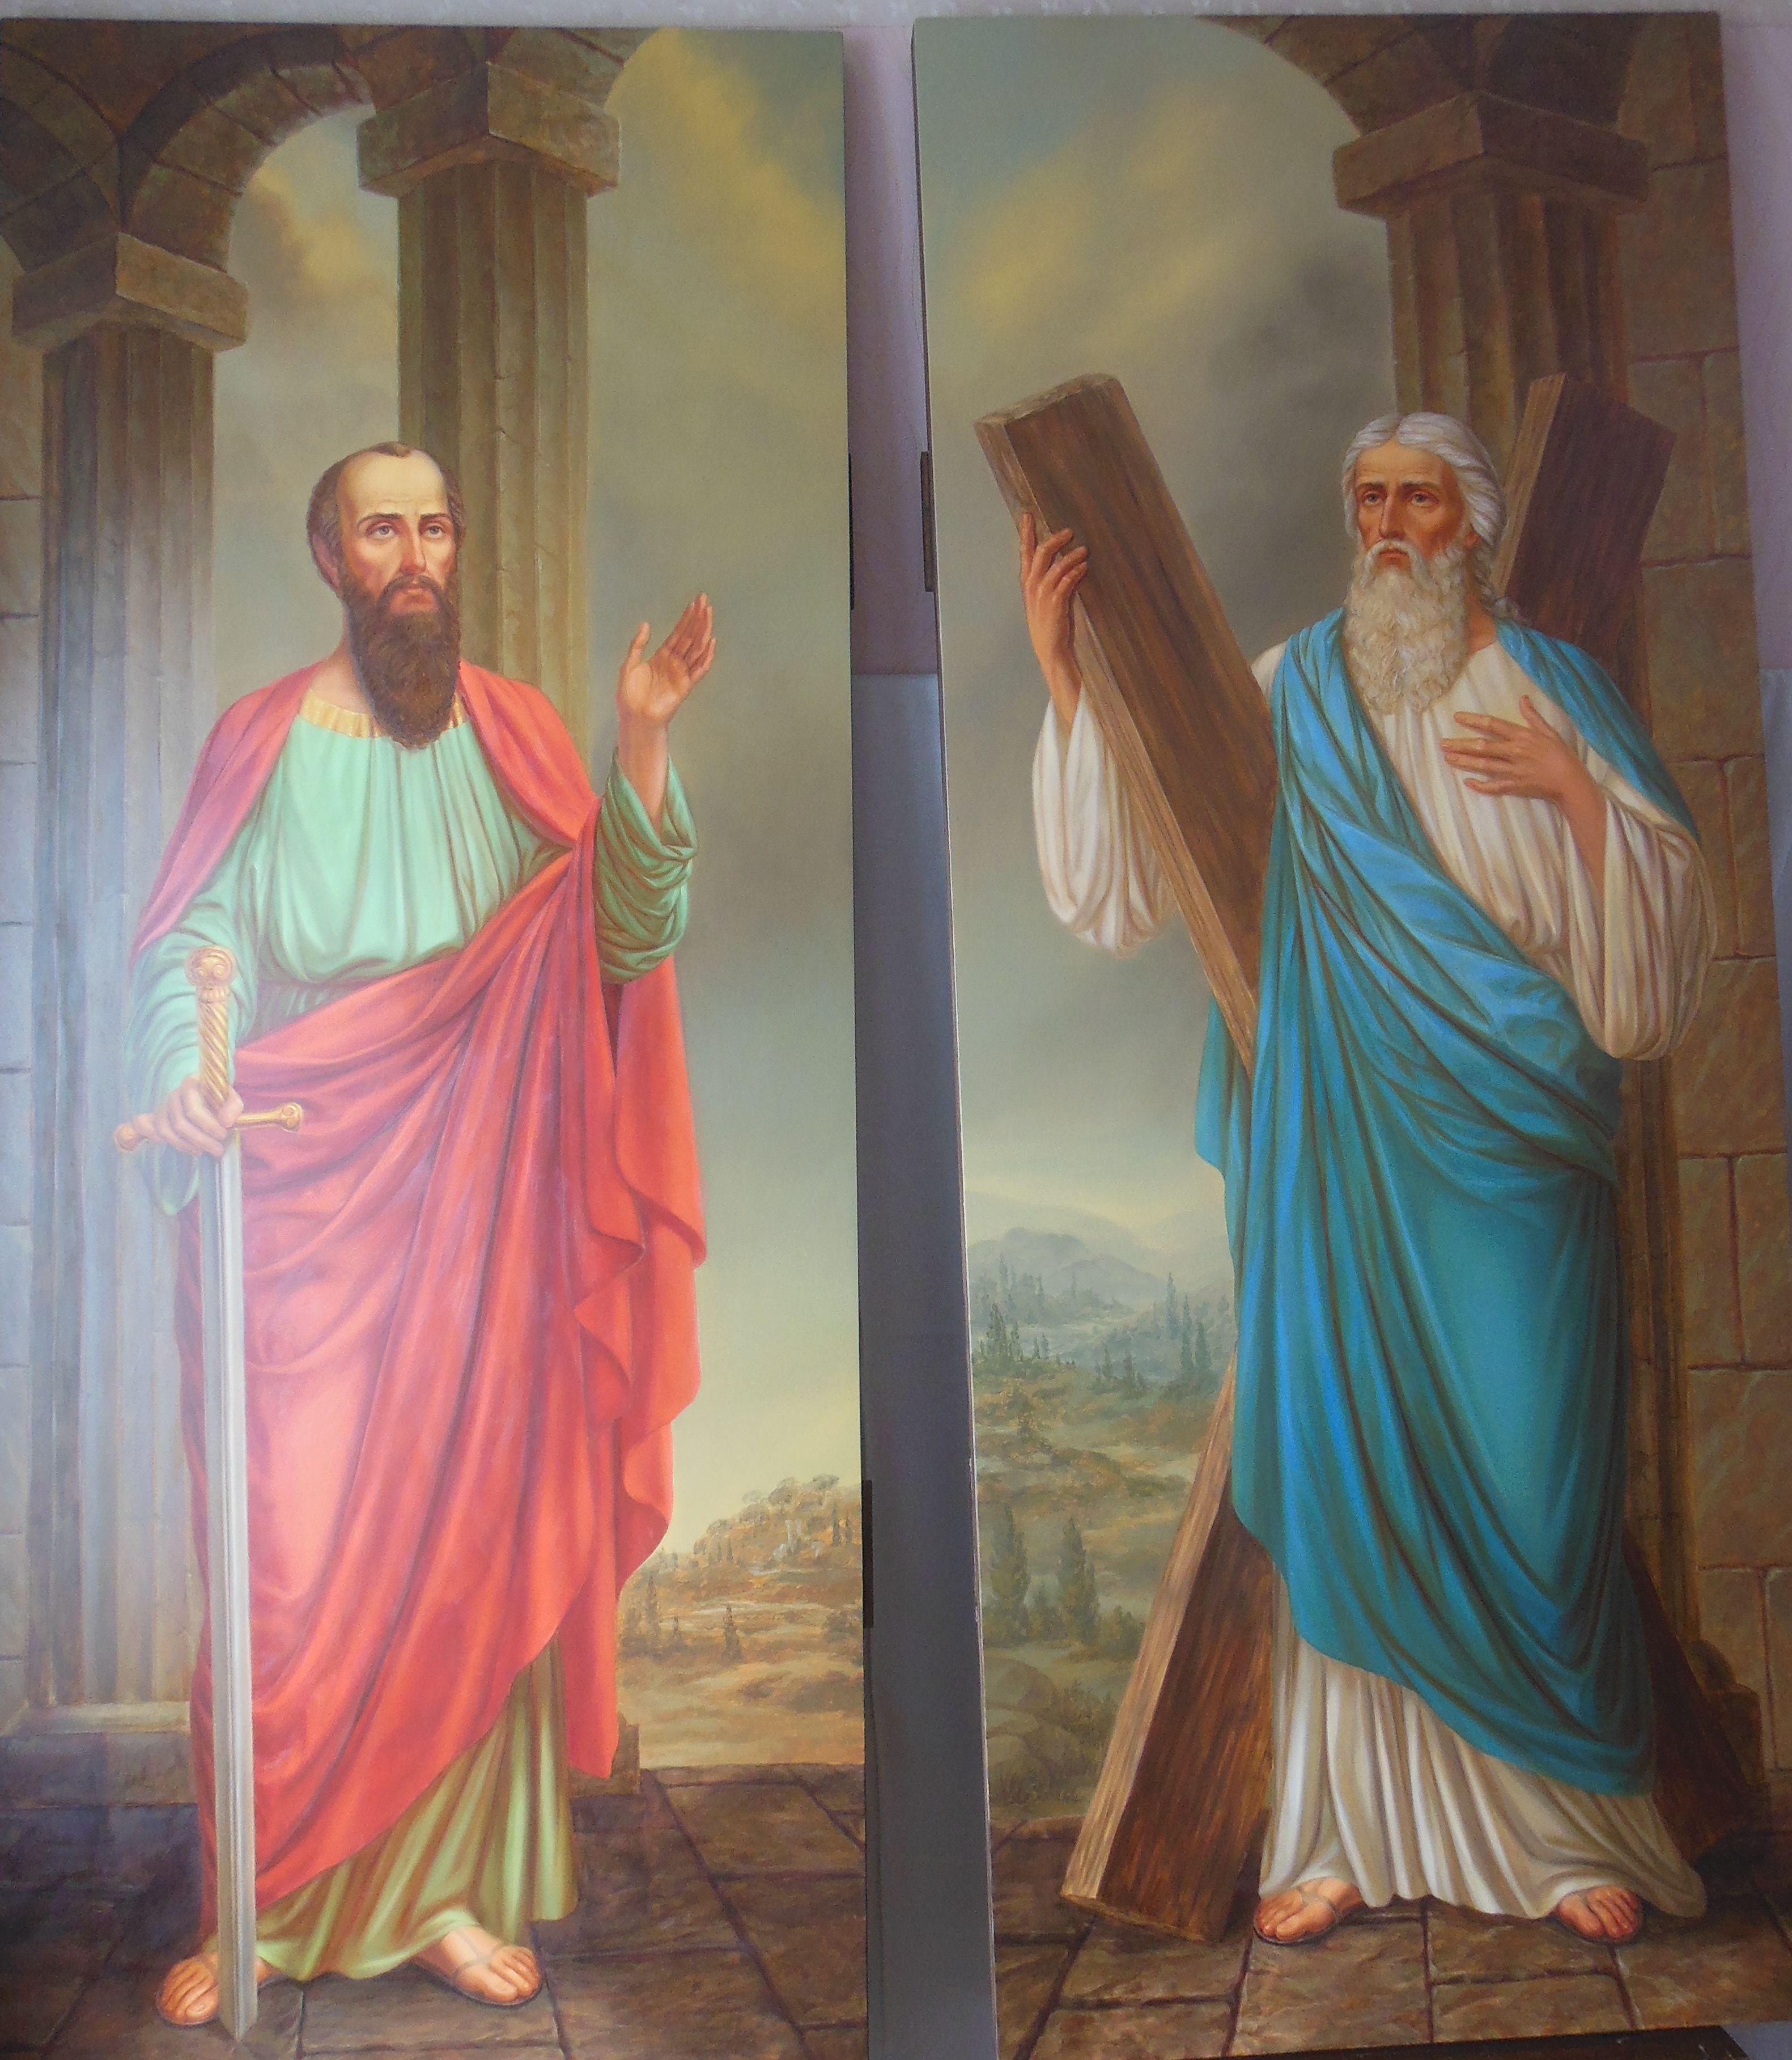 св. апостол Павел и св. апостол Андрей